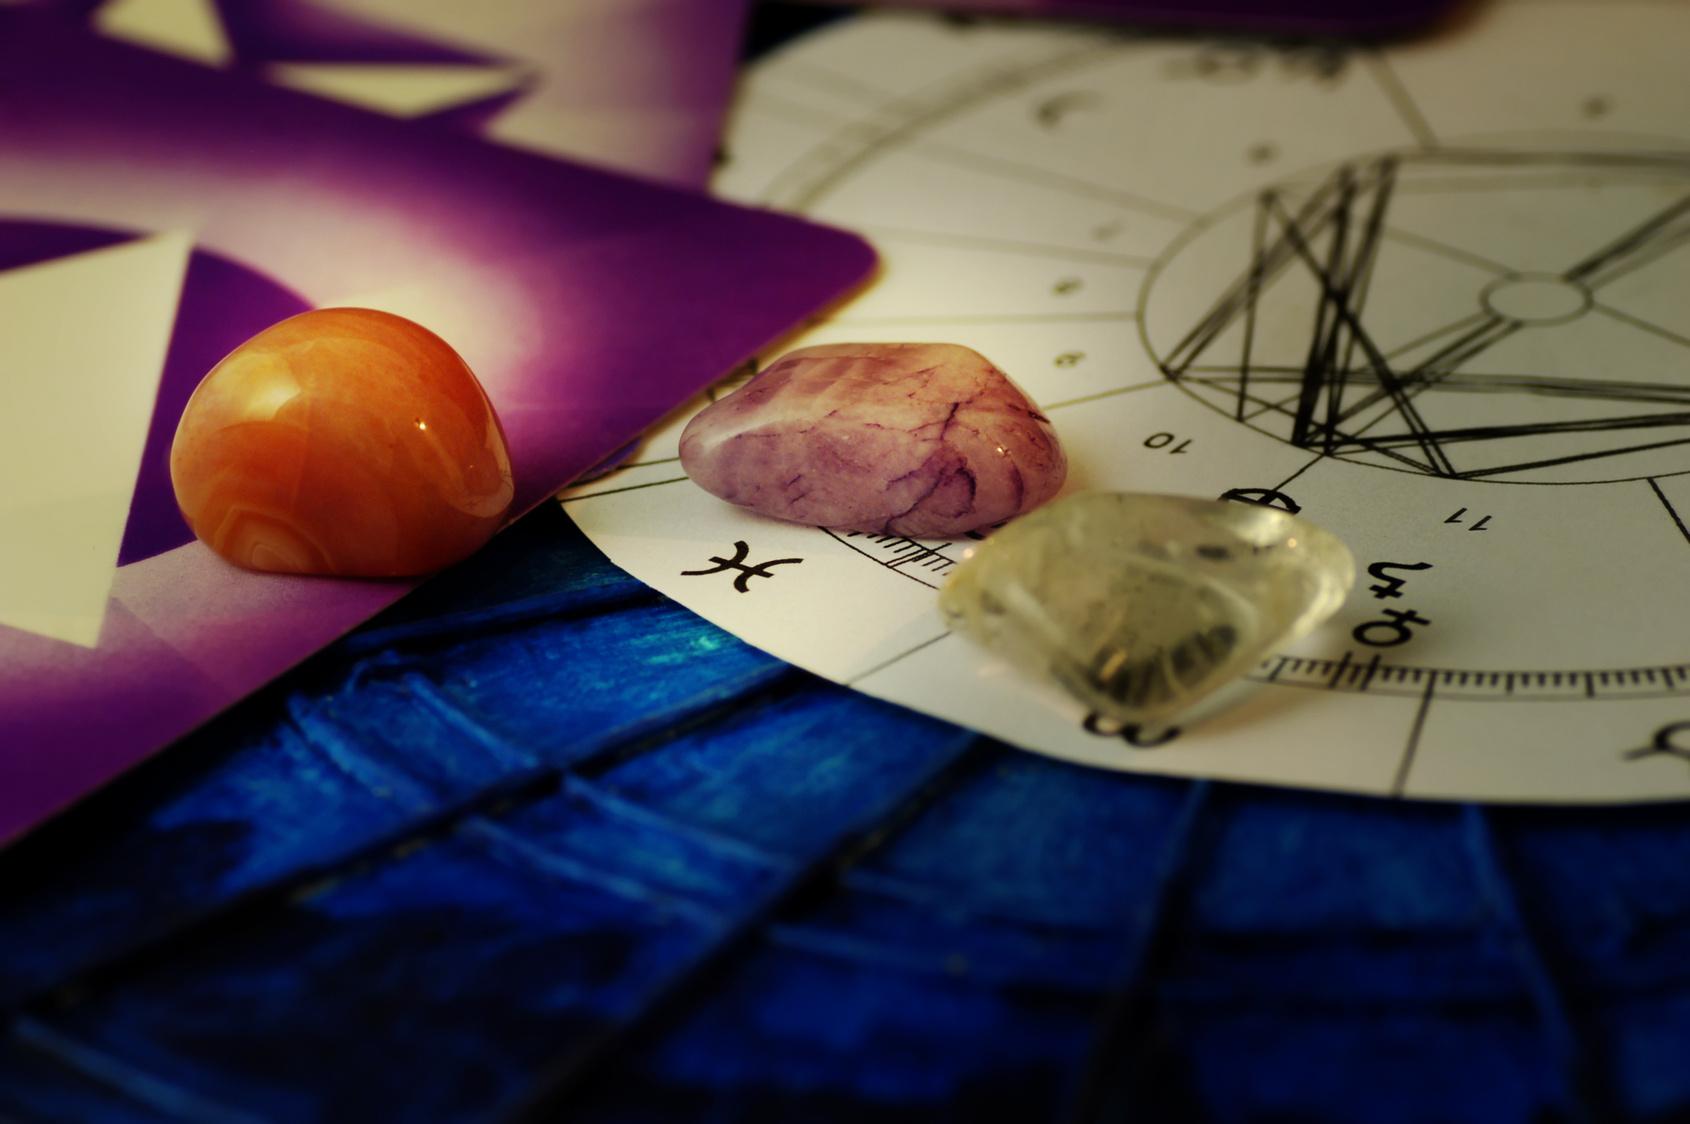 Астрологический прогноз на сегодня,2 ноября 2014